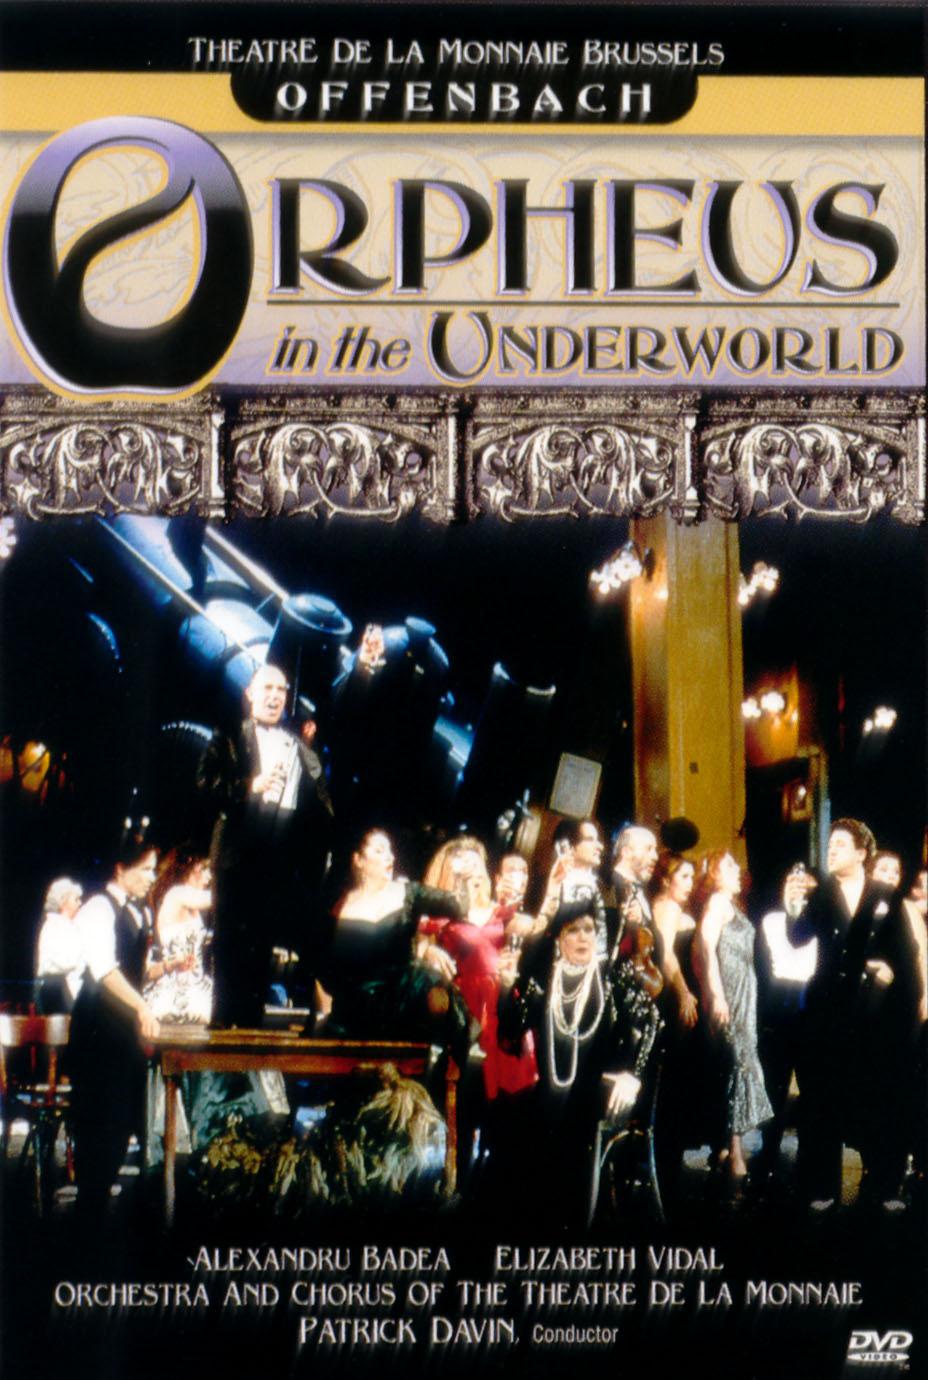 Orpheus in the Underworld (Théâtre de la Monnaie)